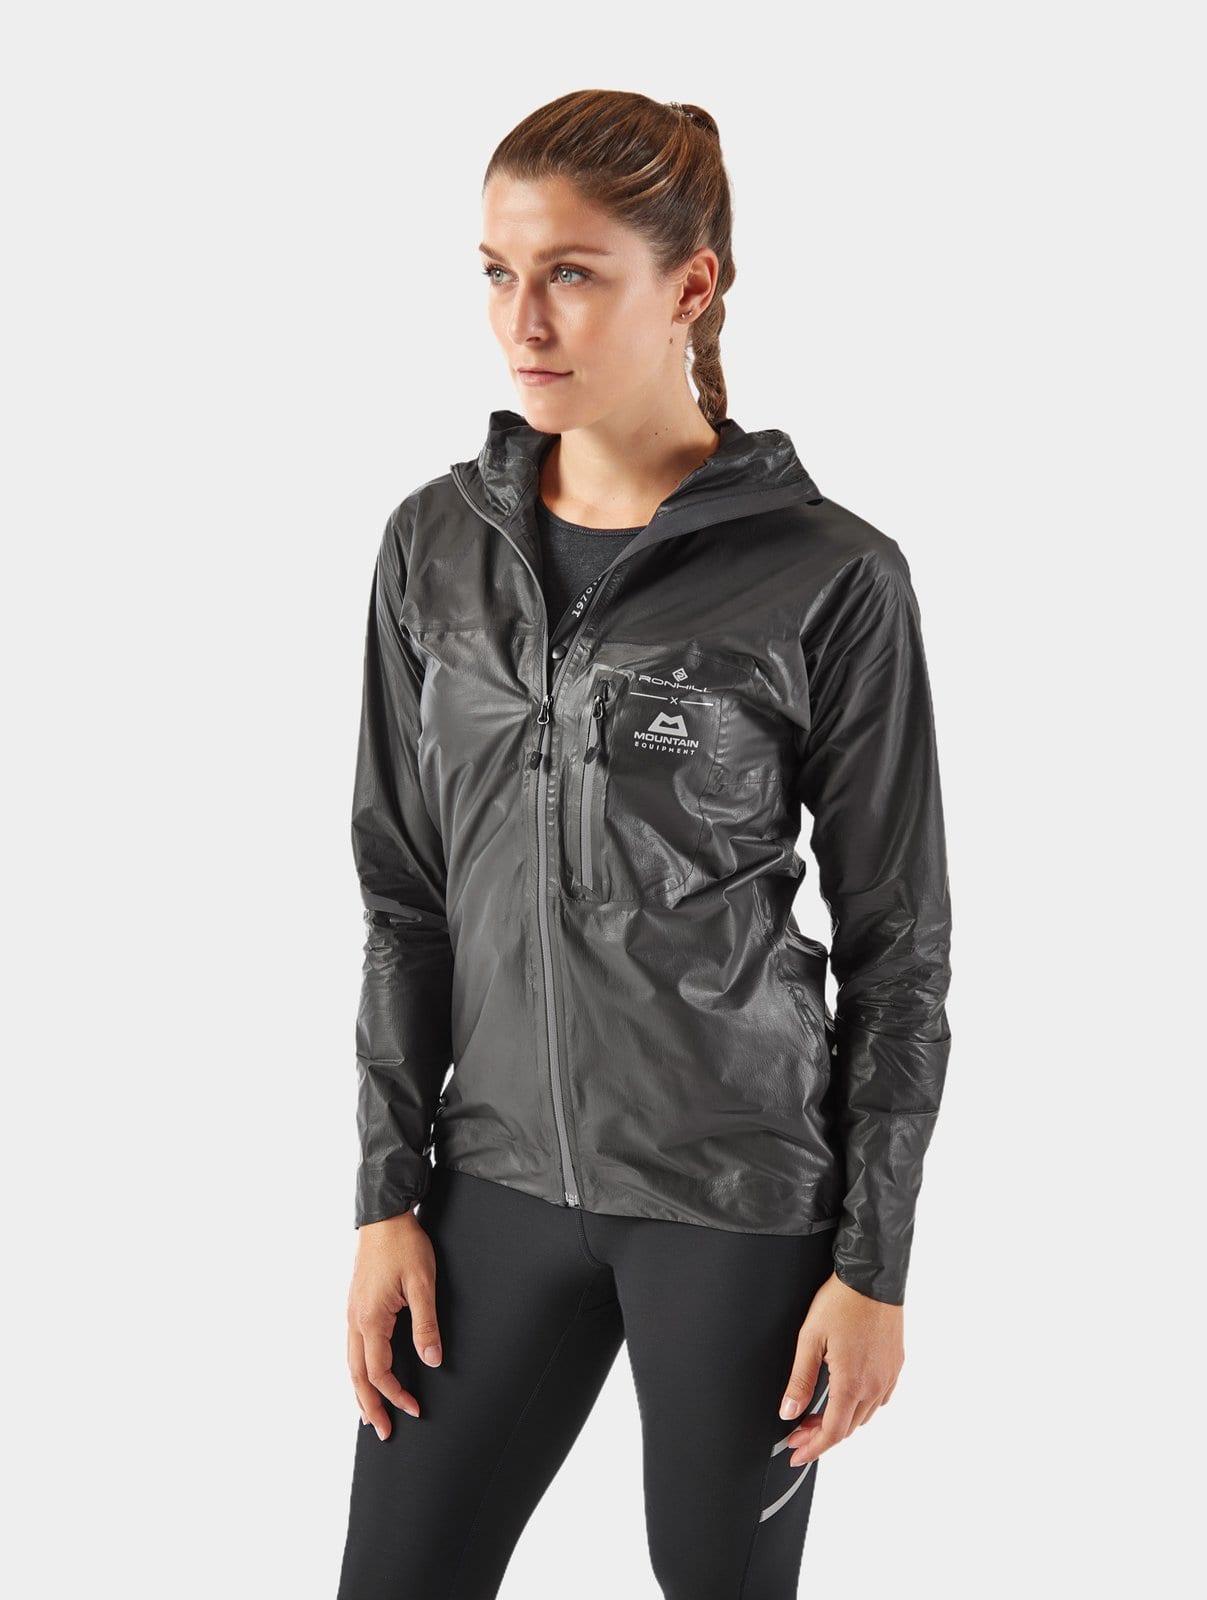 Αδιάβροχο GORE-TEX SHAKEDRY - Αδιάβροχο - Waterproof Jacket - Ronhill Waterproof Jacket - Βροχή αδιάβροχο δρομικό - Water jacket